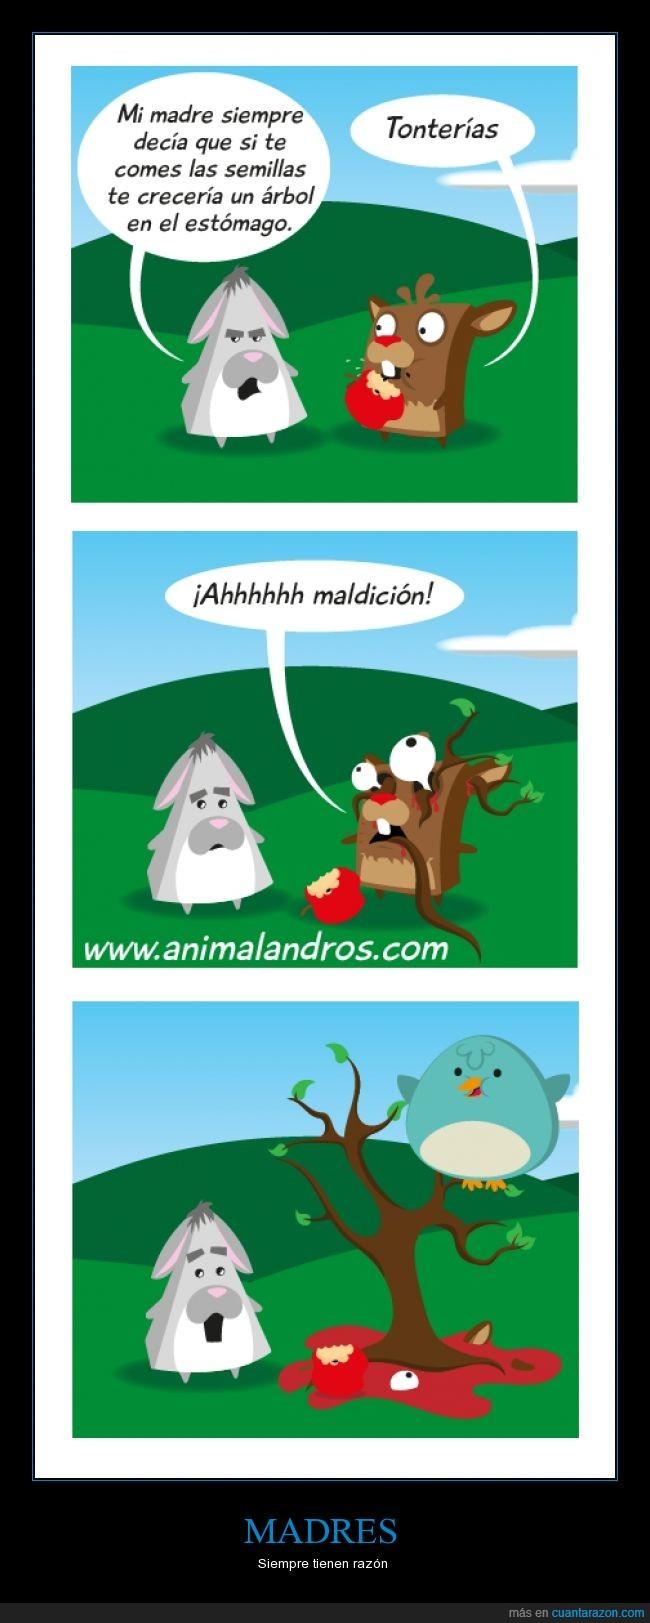 ave,bestia,comer,crecer,dentro,manzana,manzano,matar,sangre,semilla